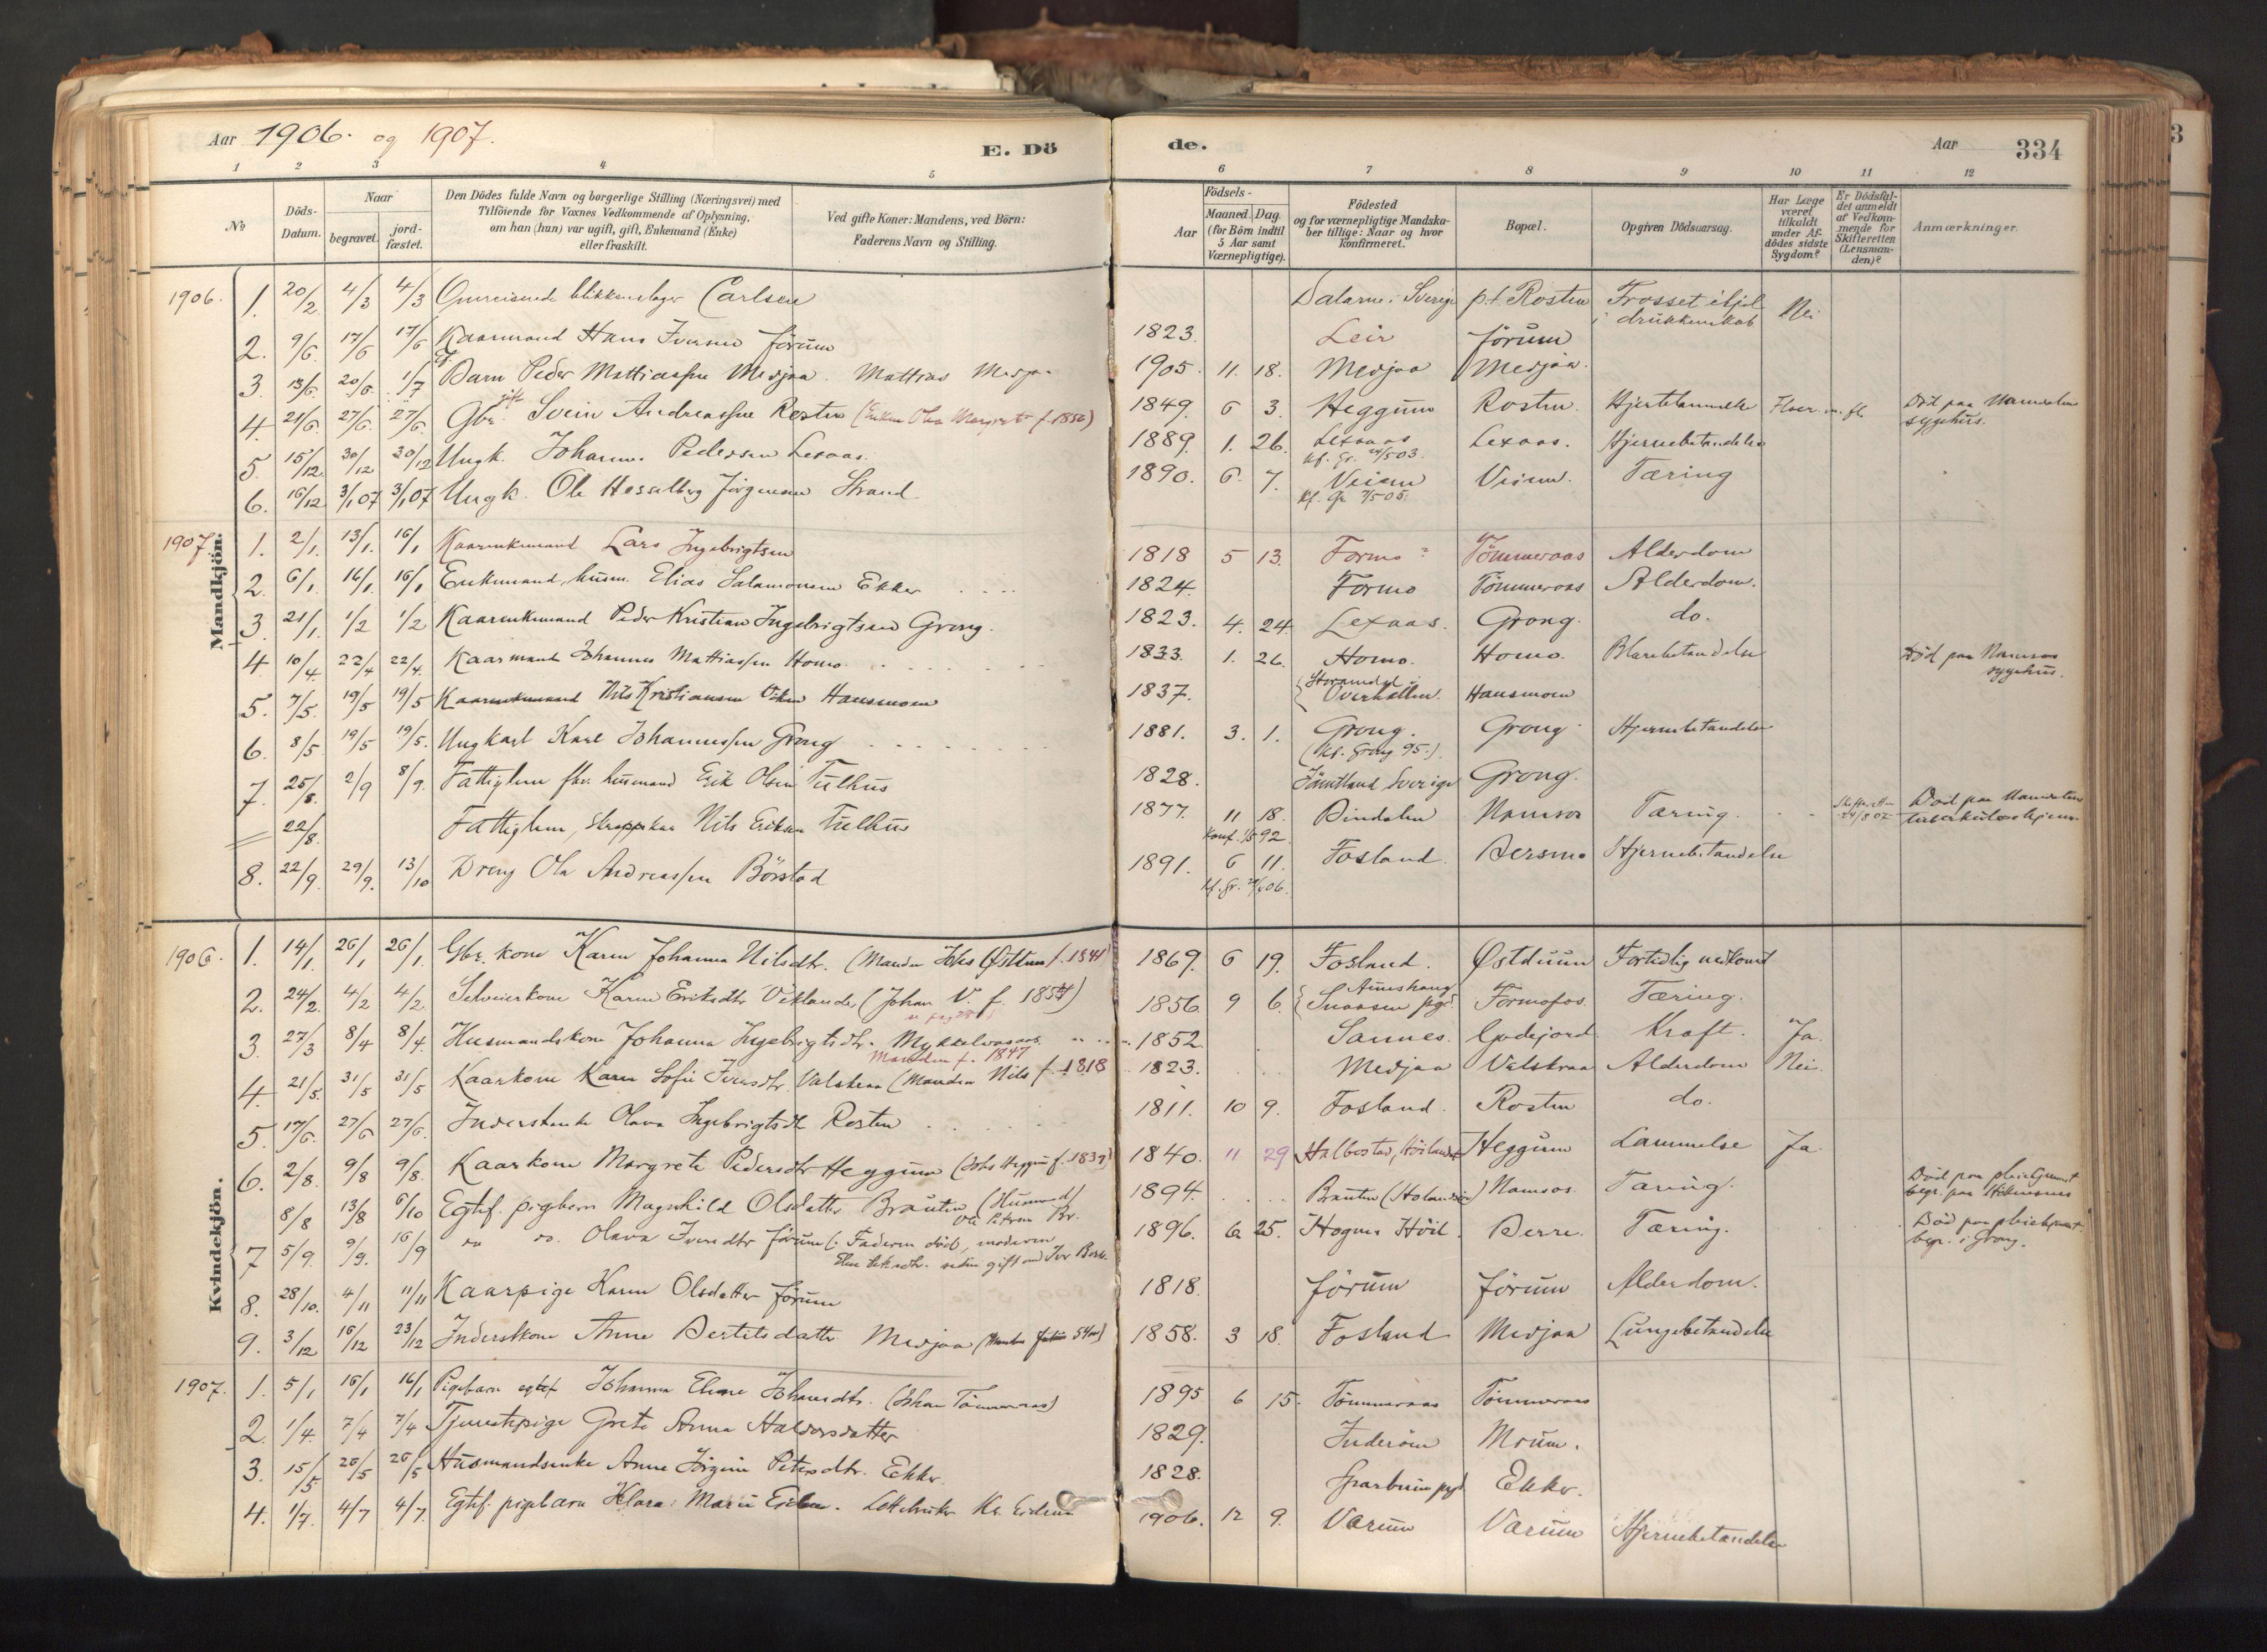 SAT, Ministerialprotokoller, klokkerbøker og fødselsregistre - Nord-Trøndelag, 758/L0519: Ministerialbok nr. 758A04, 1880-1926, s. 334